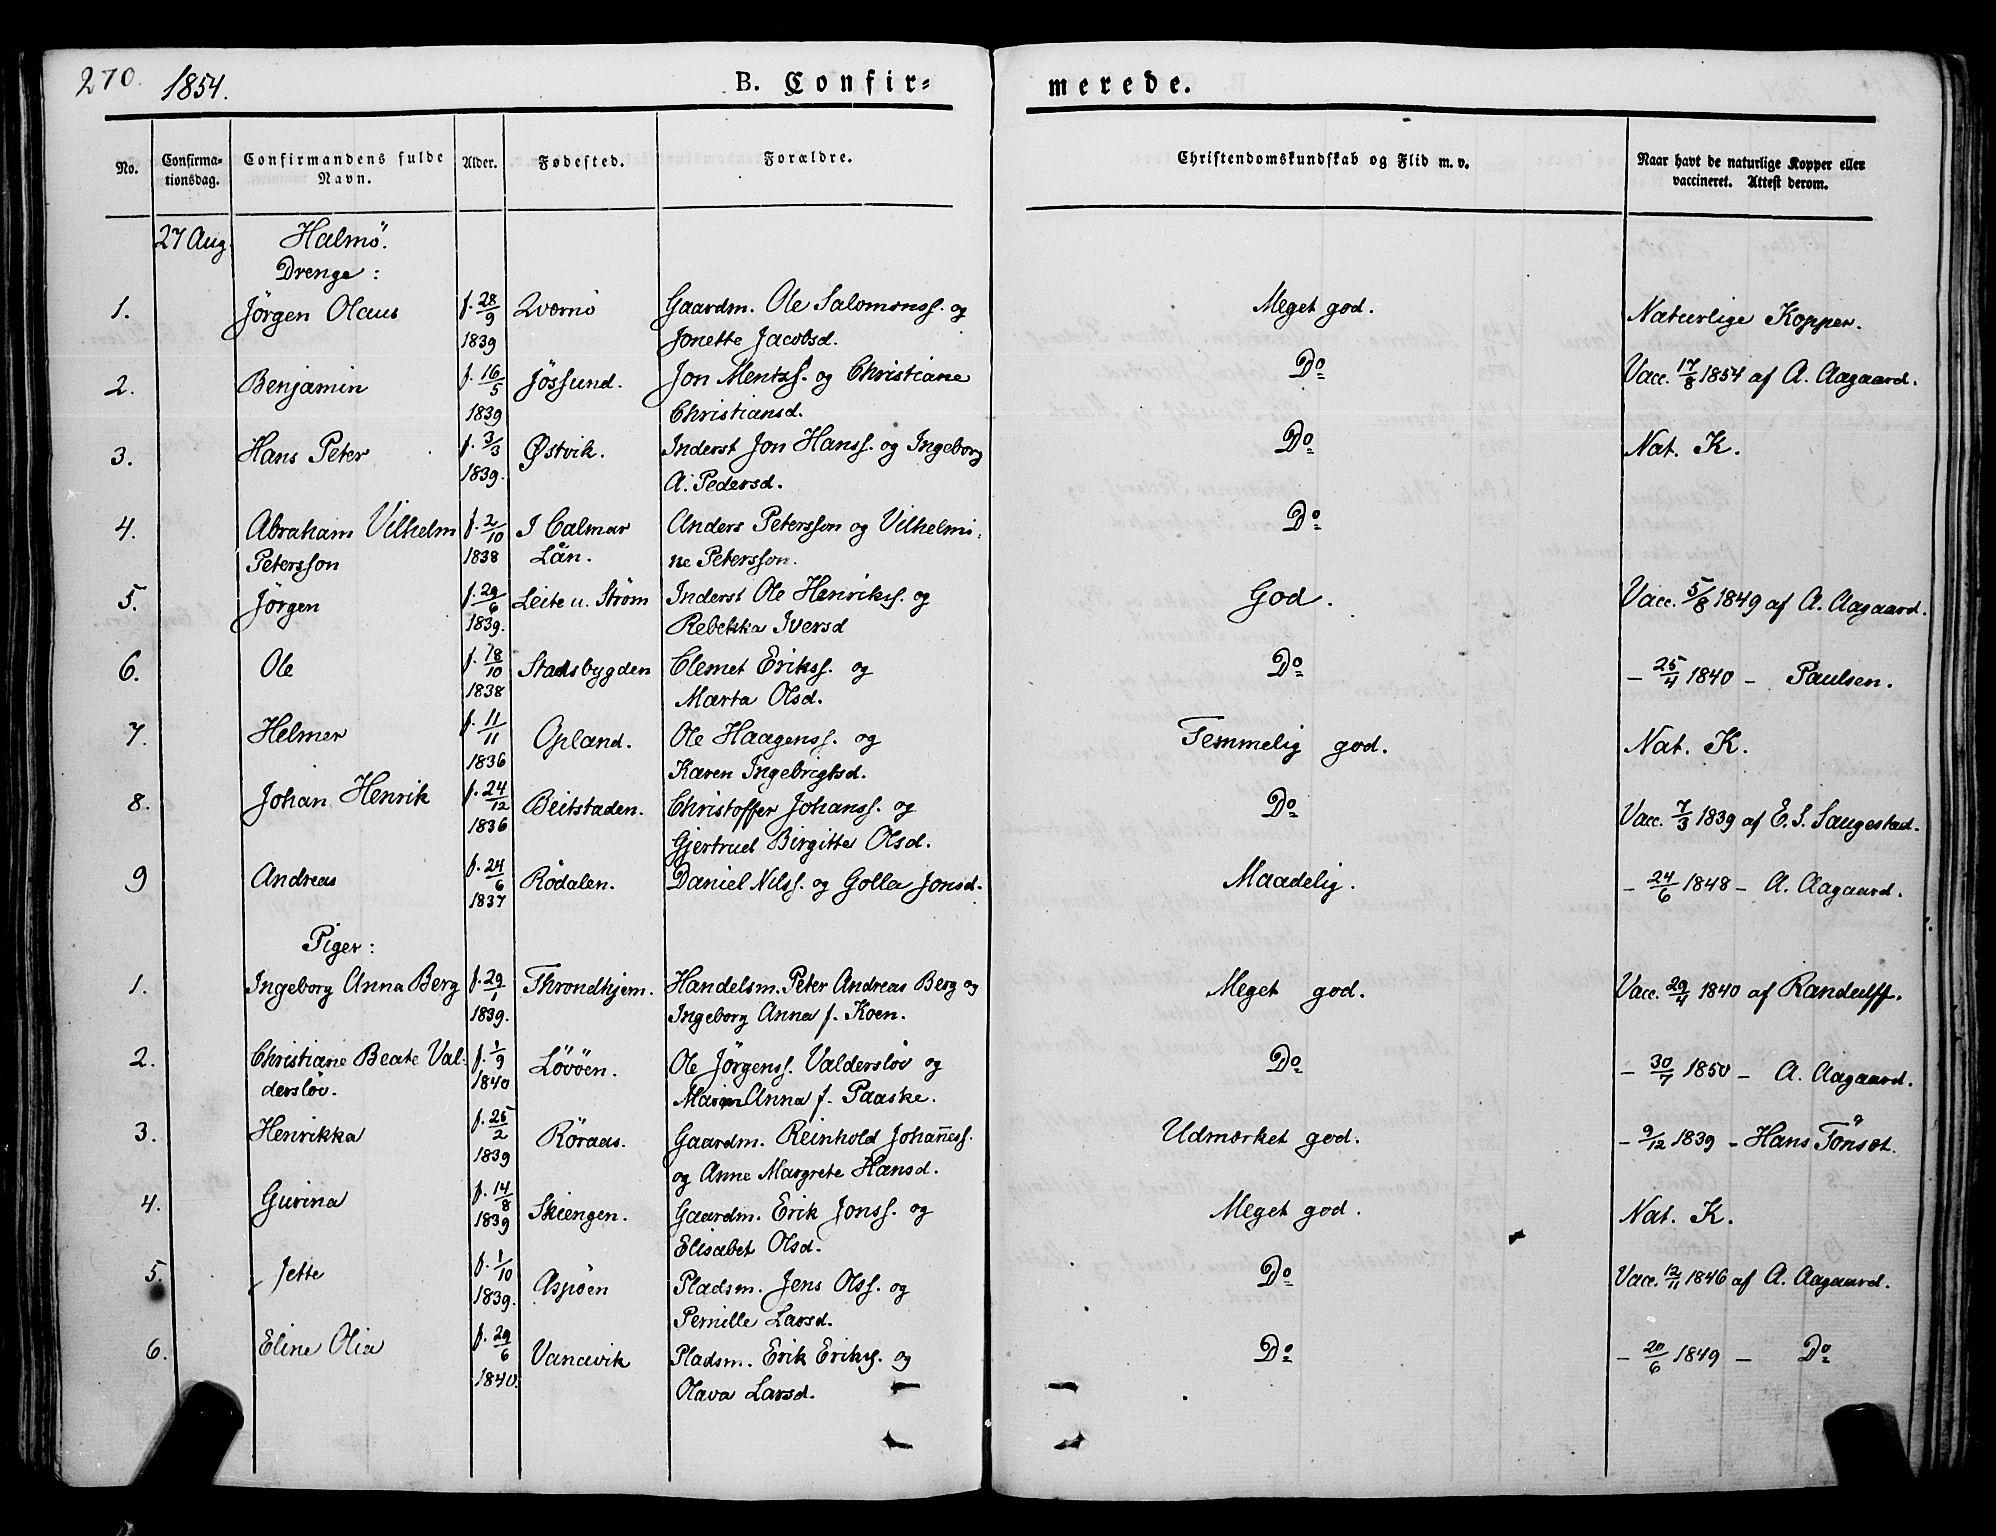 SAT, Ministerialprotokoller, klokkerbøker og fødselsregistre - Nord-Trøndelag, 773/L0614: Ministerialbok nr. 773A05, 1831-1856, s. 270